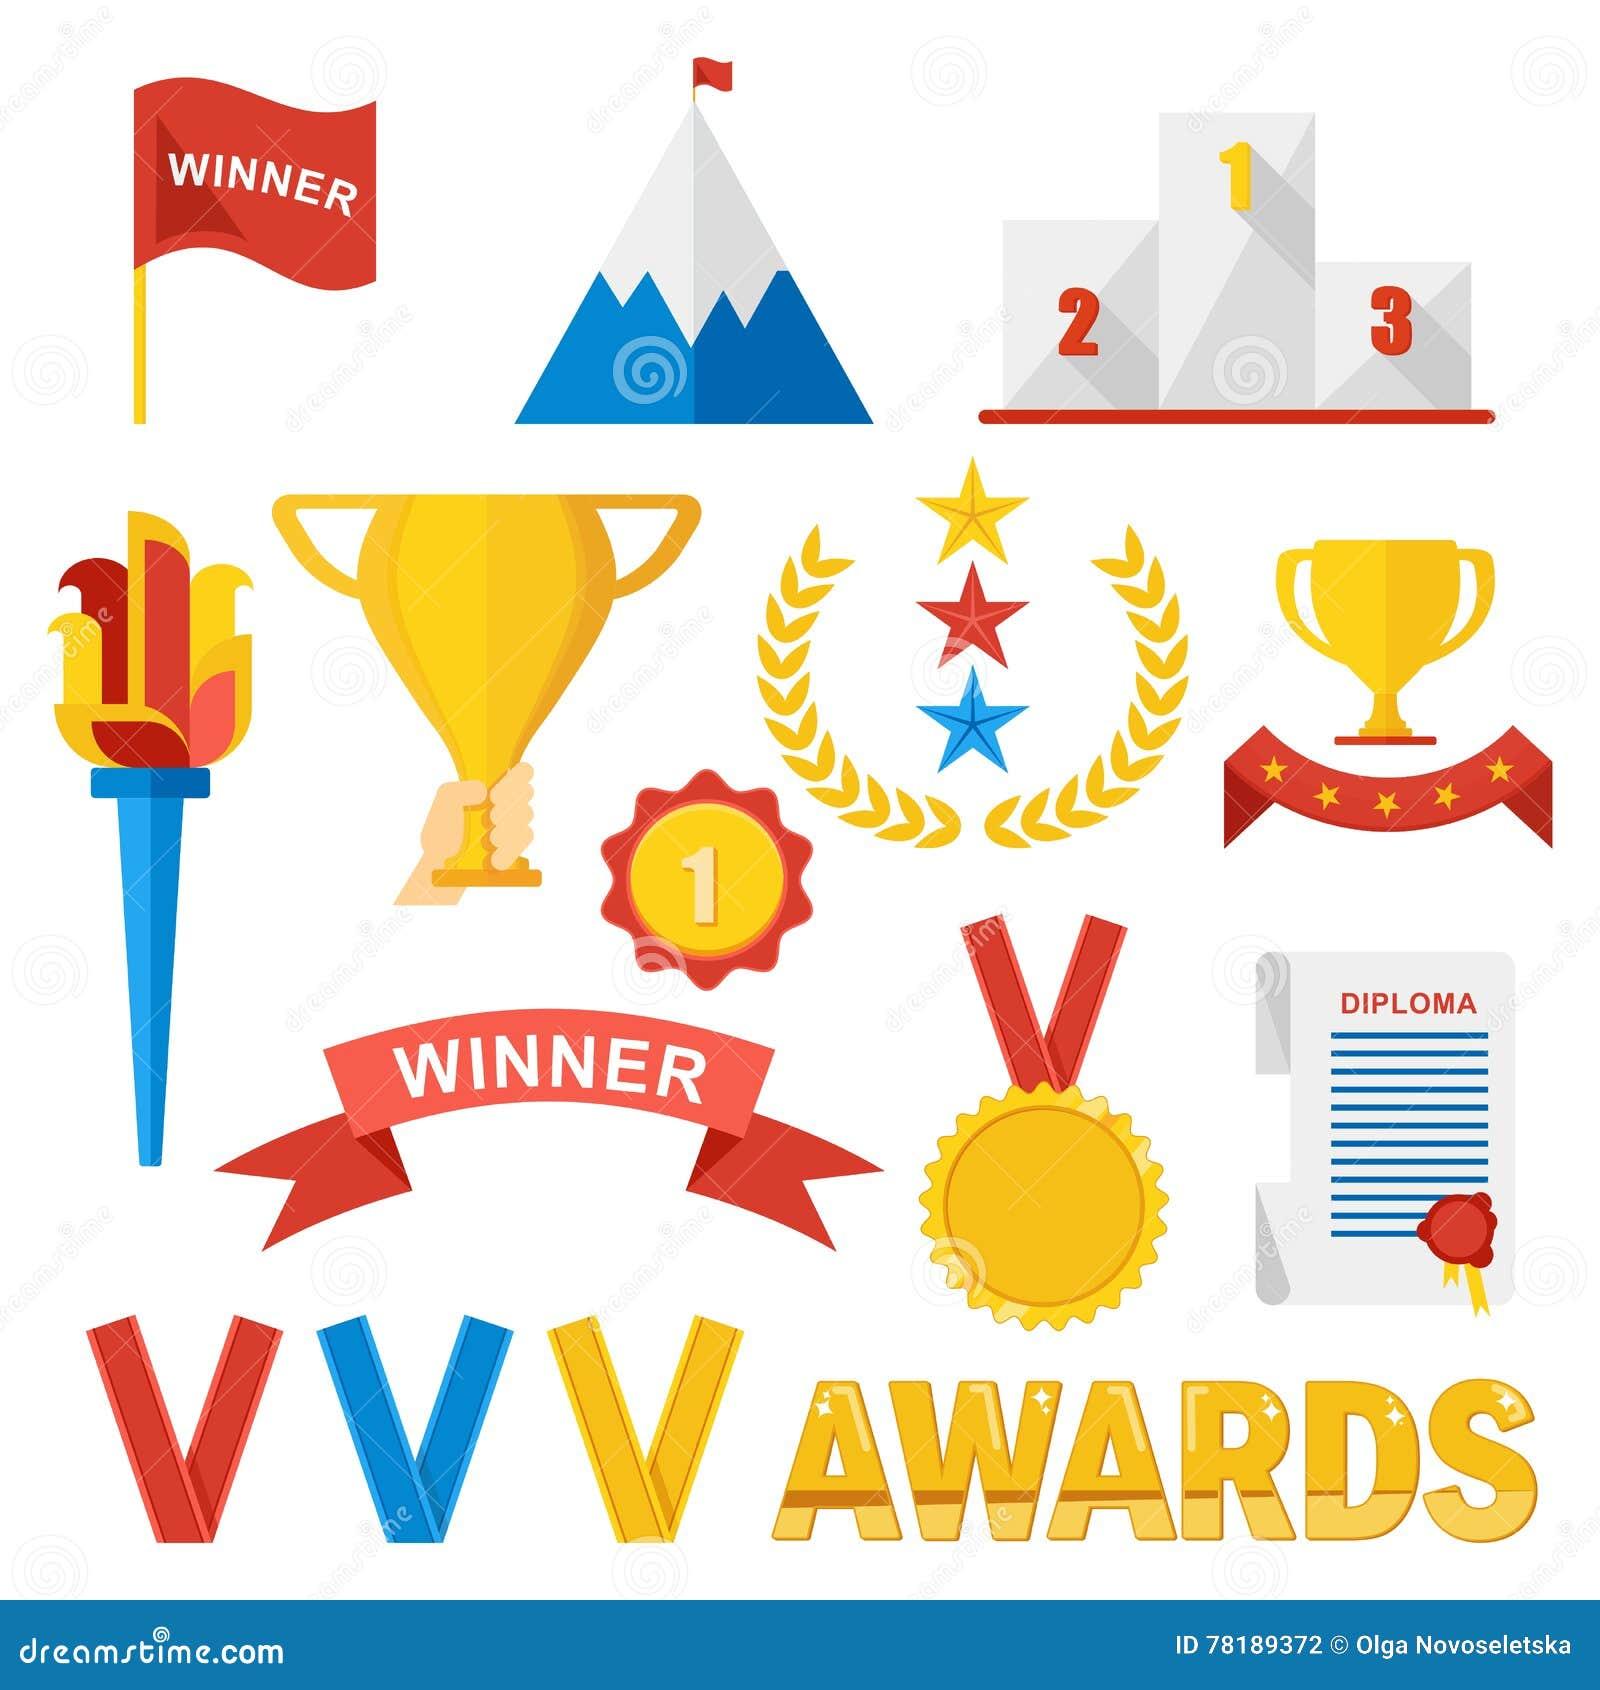 De toekenning van trofeesporten